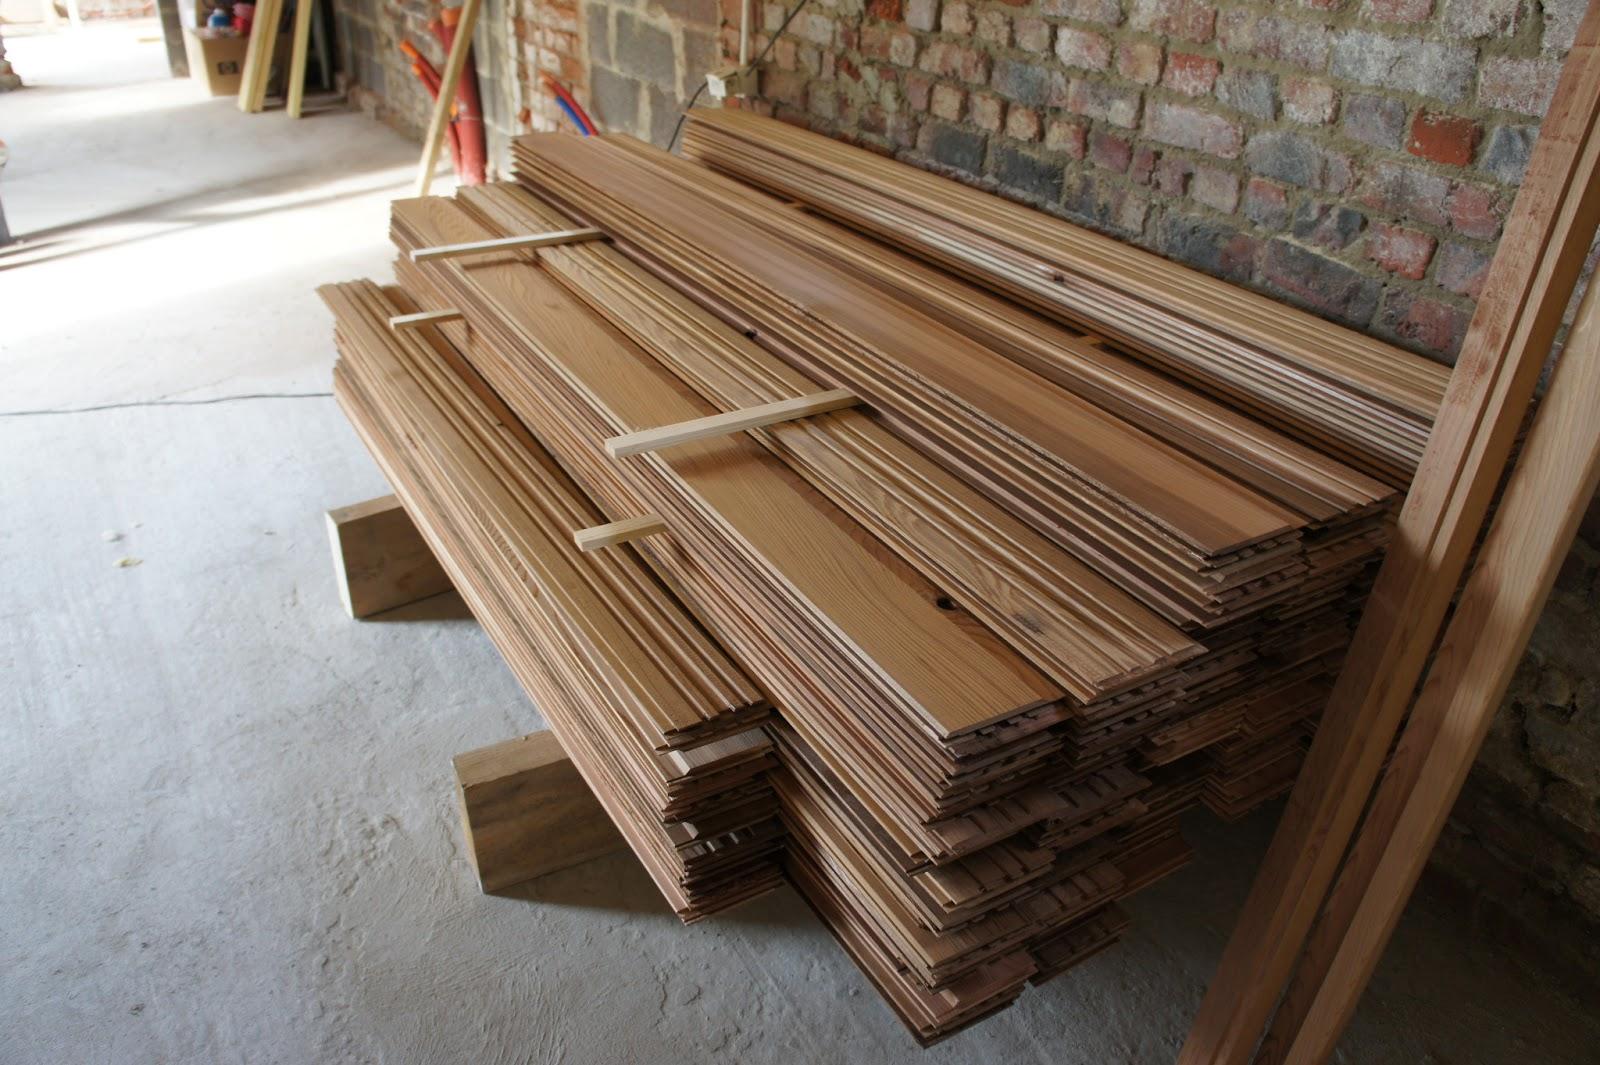 bardage canadien great un vieux bois du canada dans un loft ultra la parqueterie nouvelle. Black Bedroom Furniture Sets. Home Design Ideas